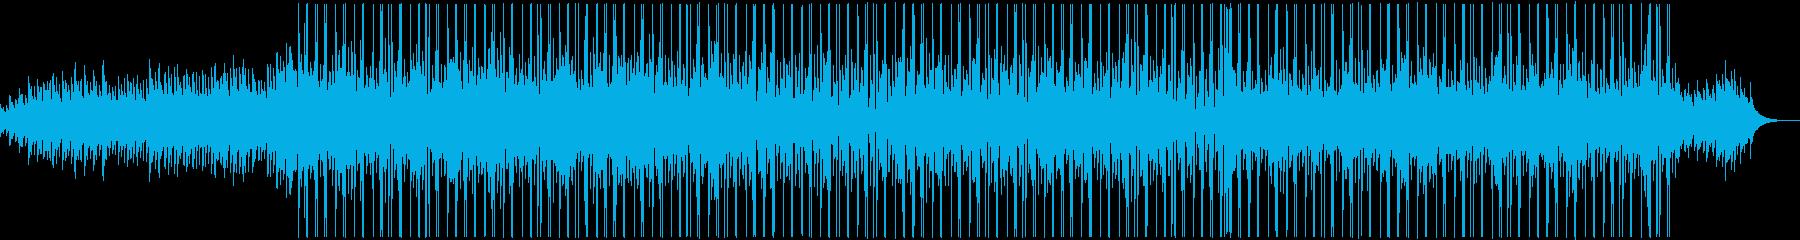 アコースティックギターの落ち着いたメロデの再生済みの波形